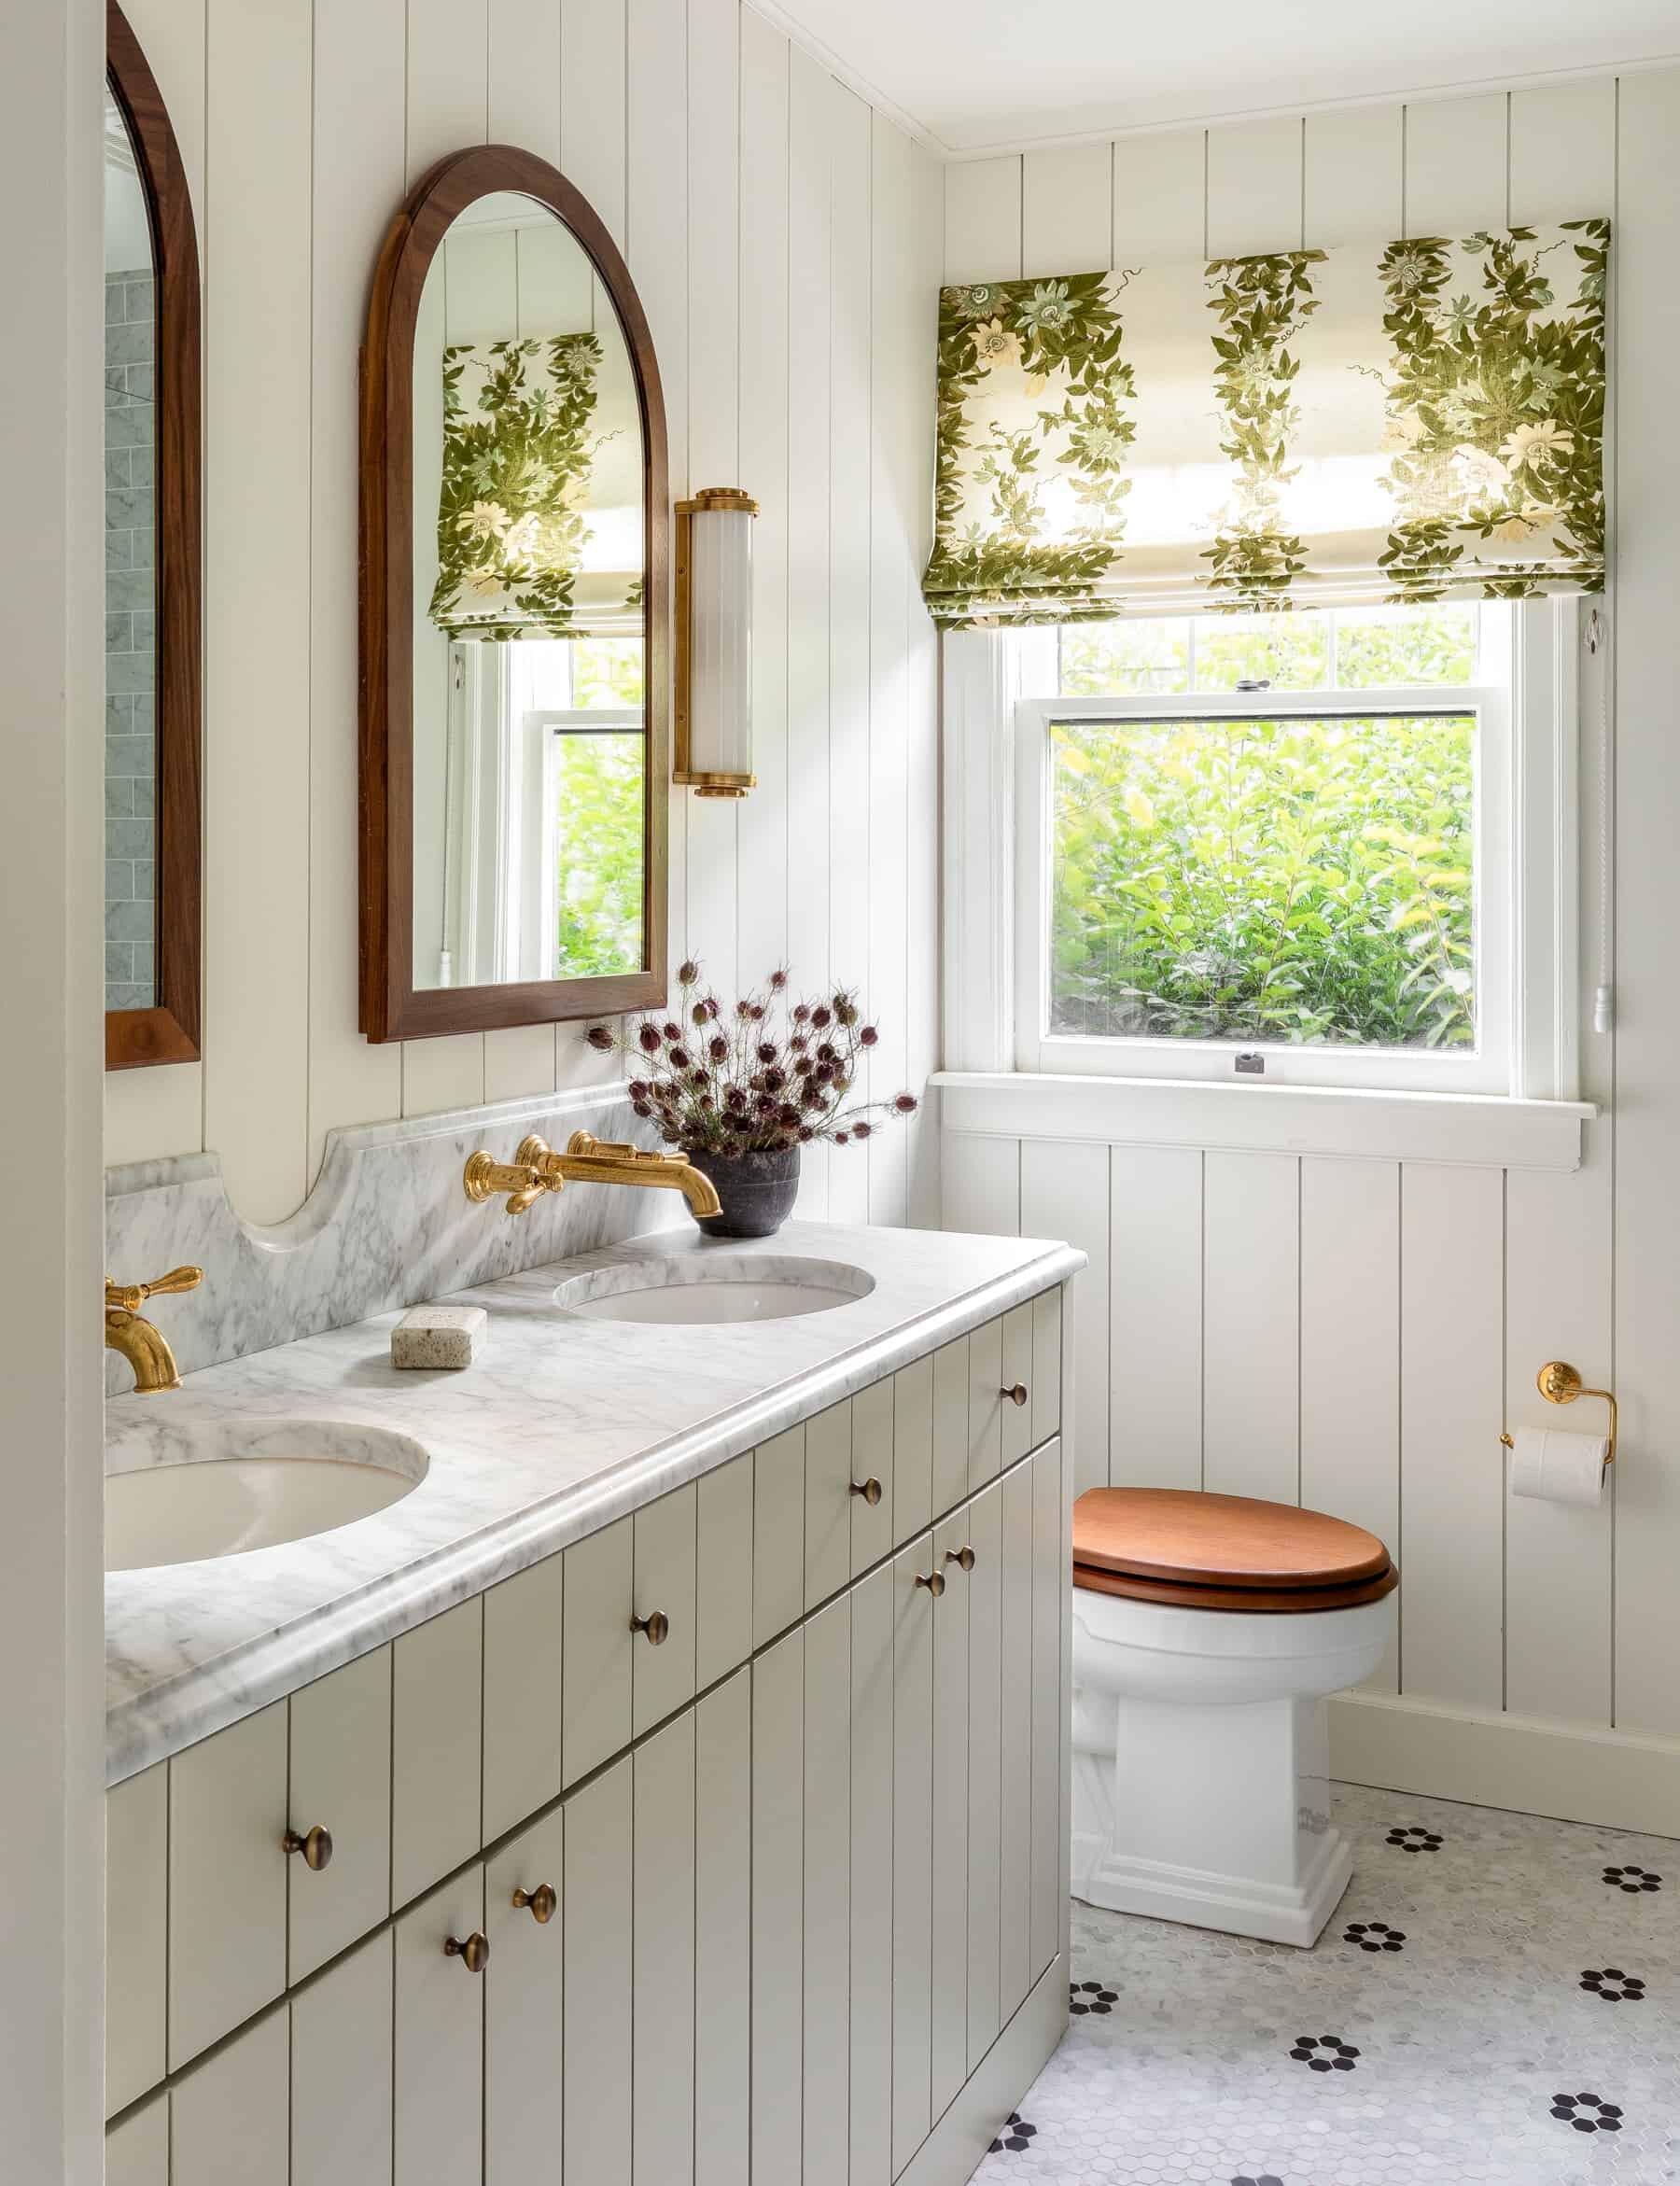 bathroom by Heidi Caillier